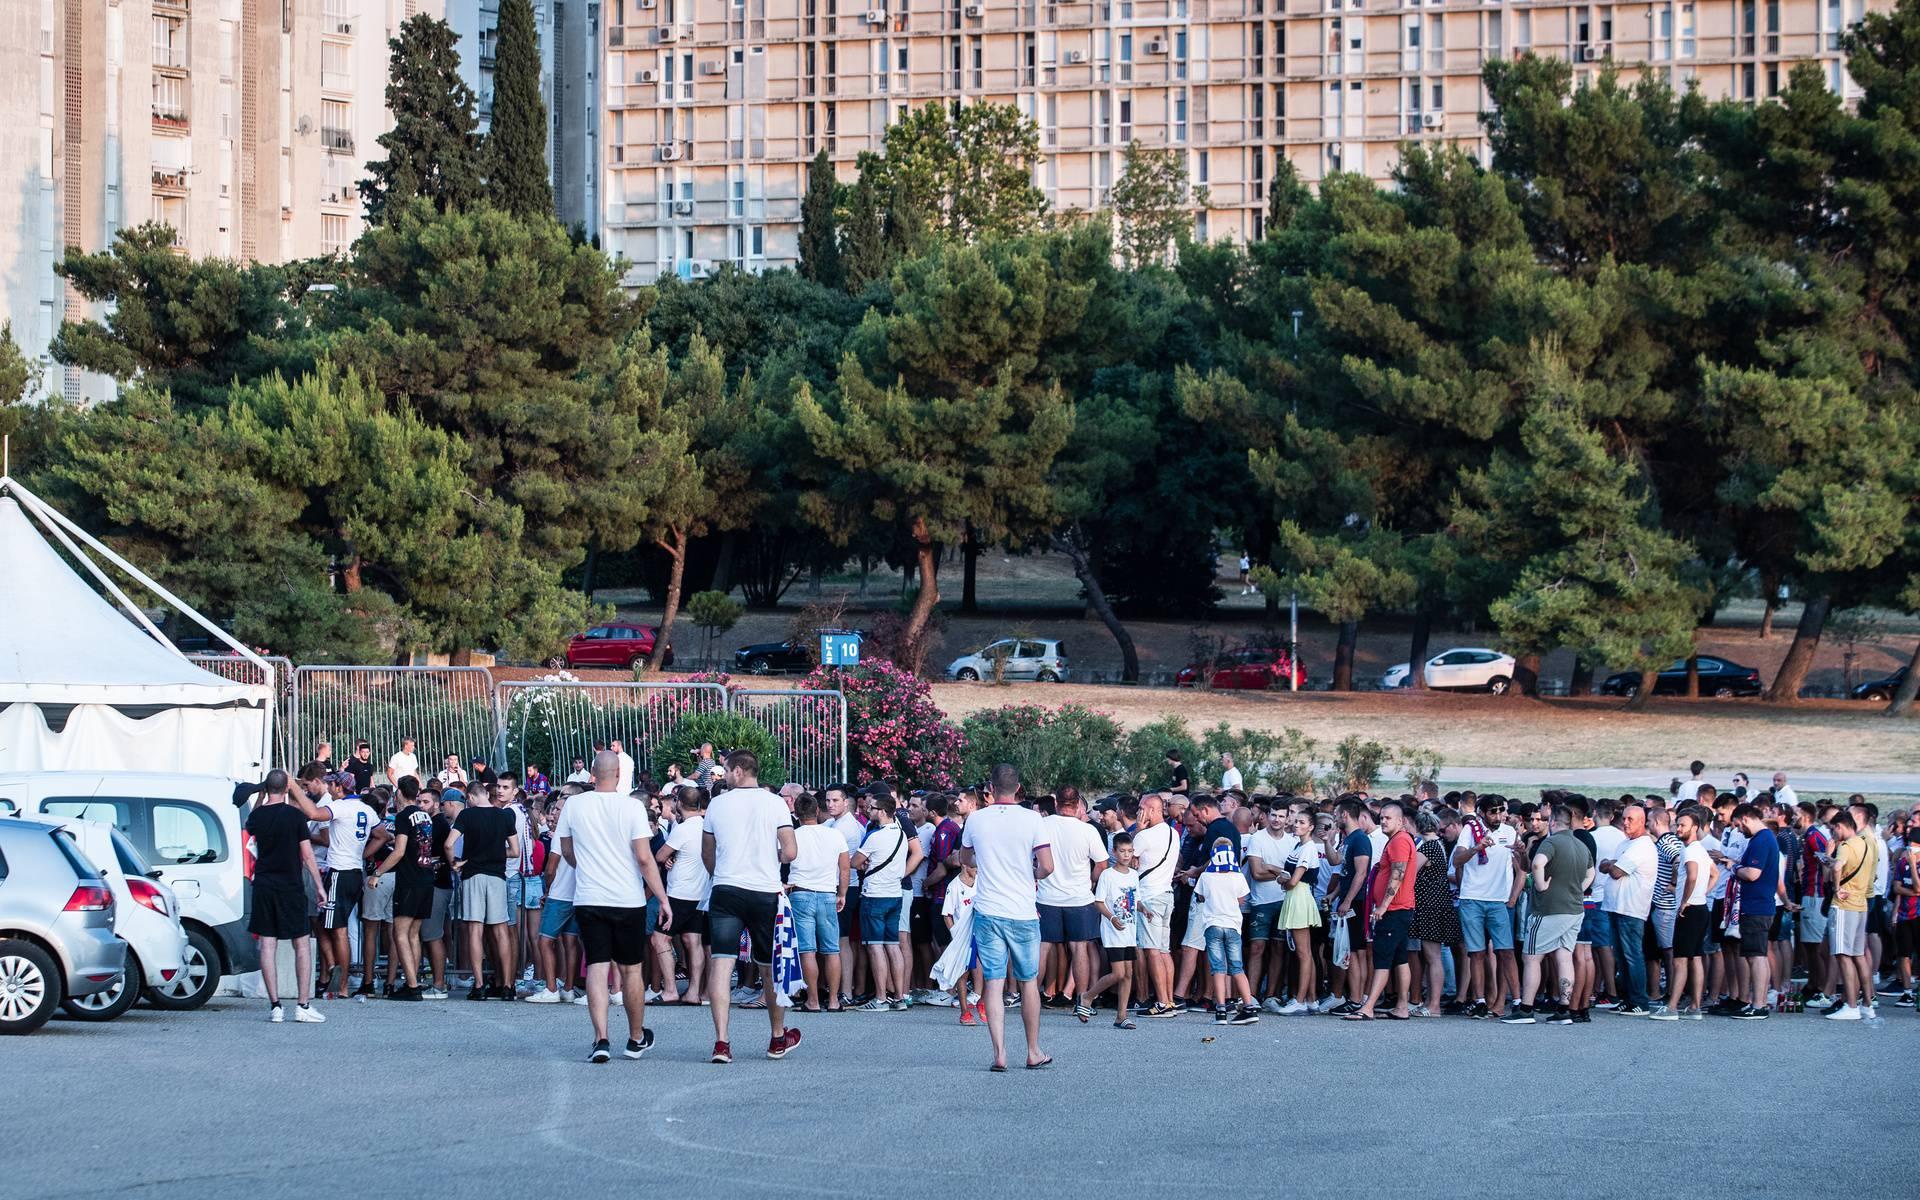 Split: Redovi za testiranje navijača na Poljudu